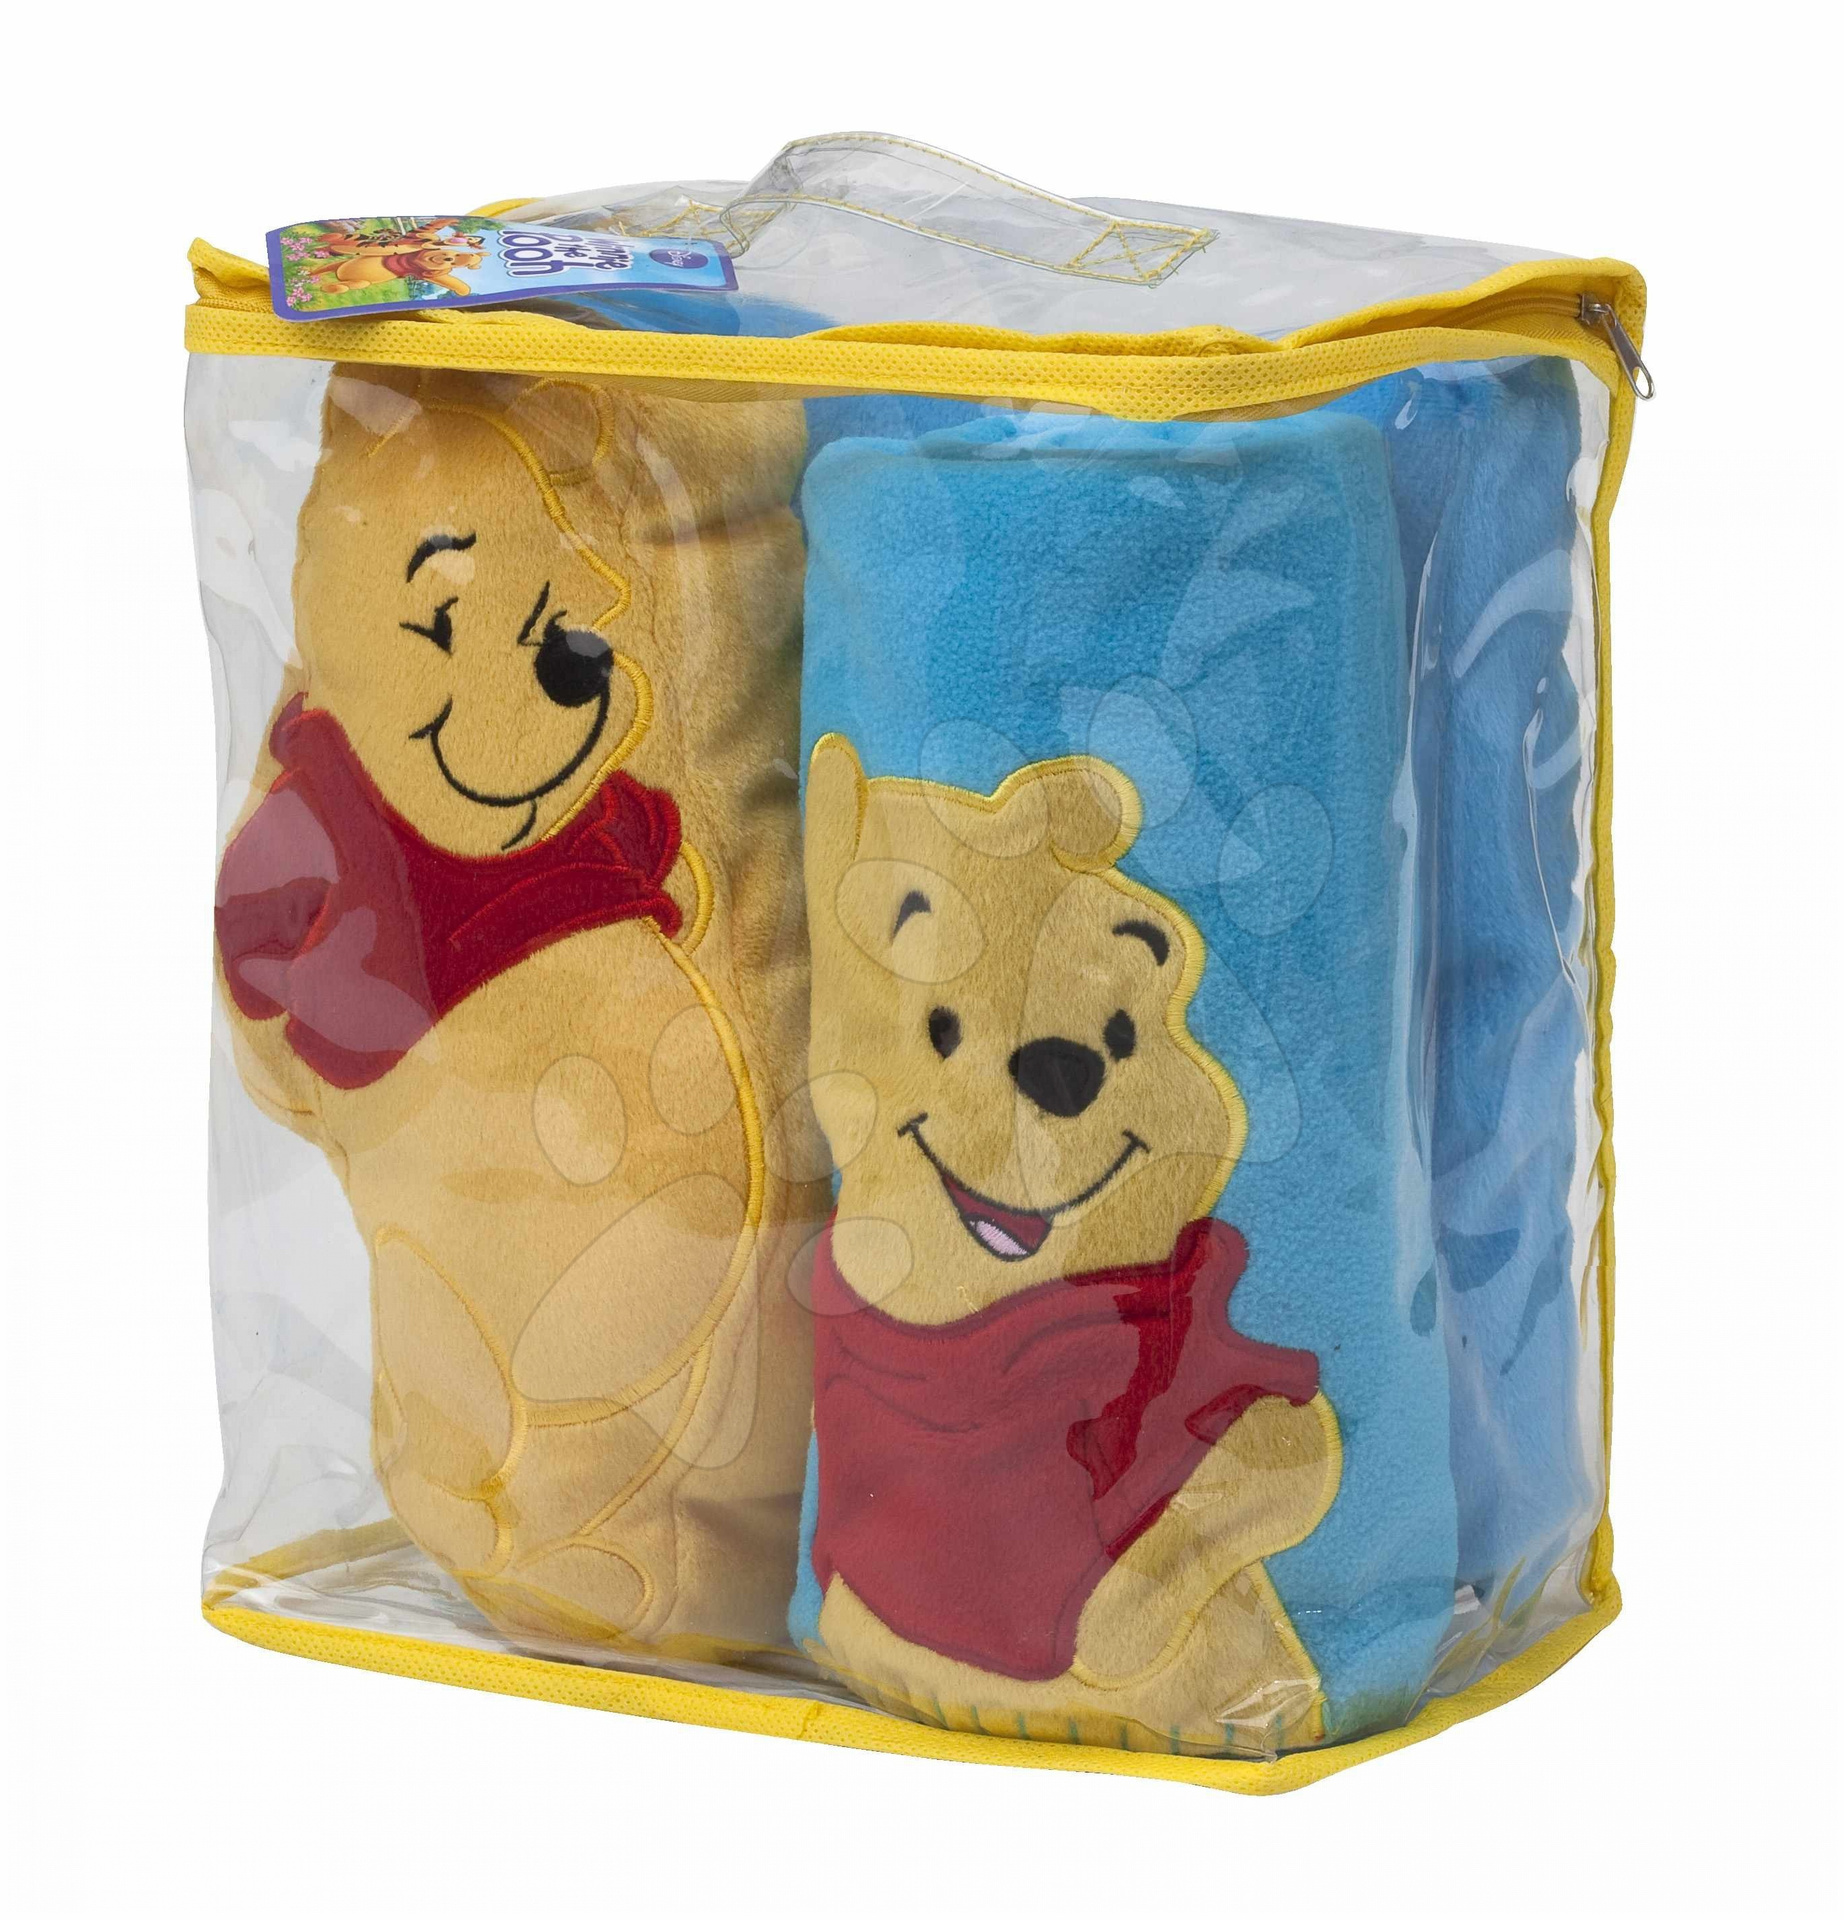 Plyšový set Macko Pooh and Blanket Ilanit 100*70 cm